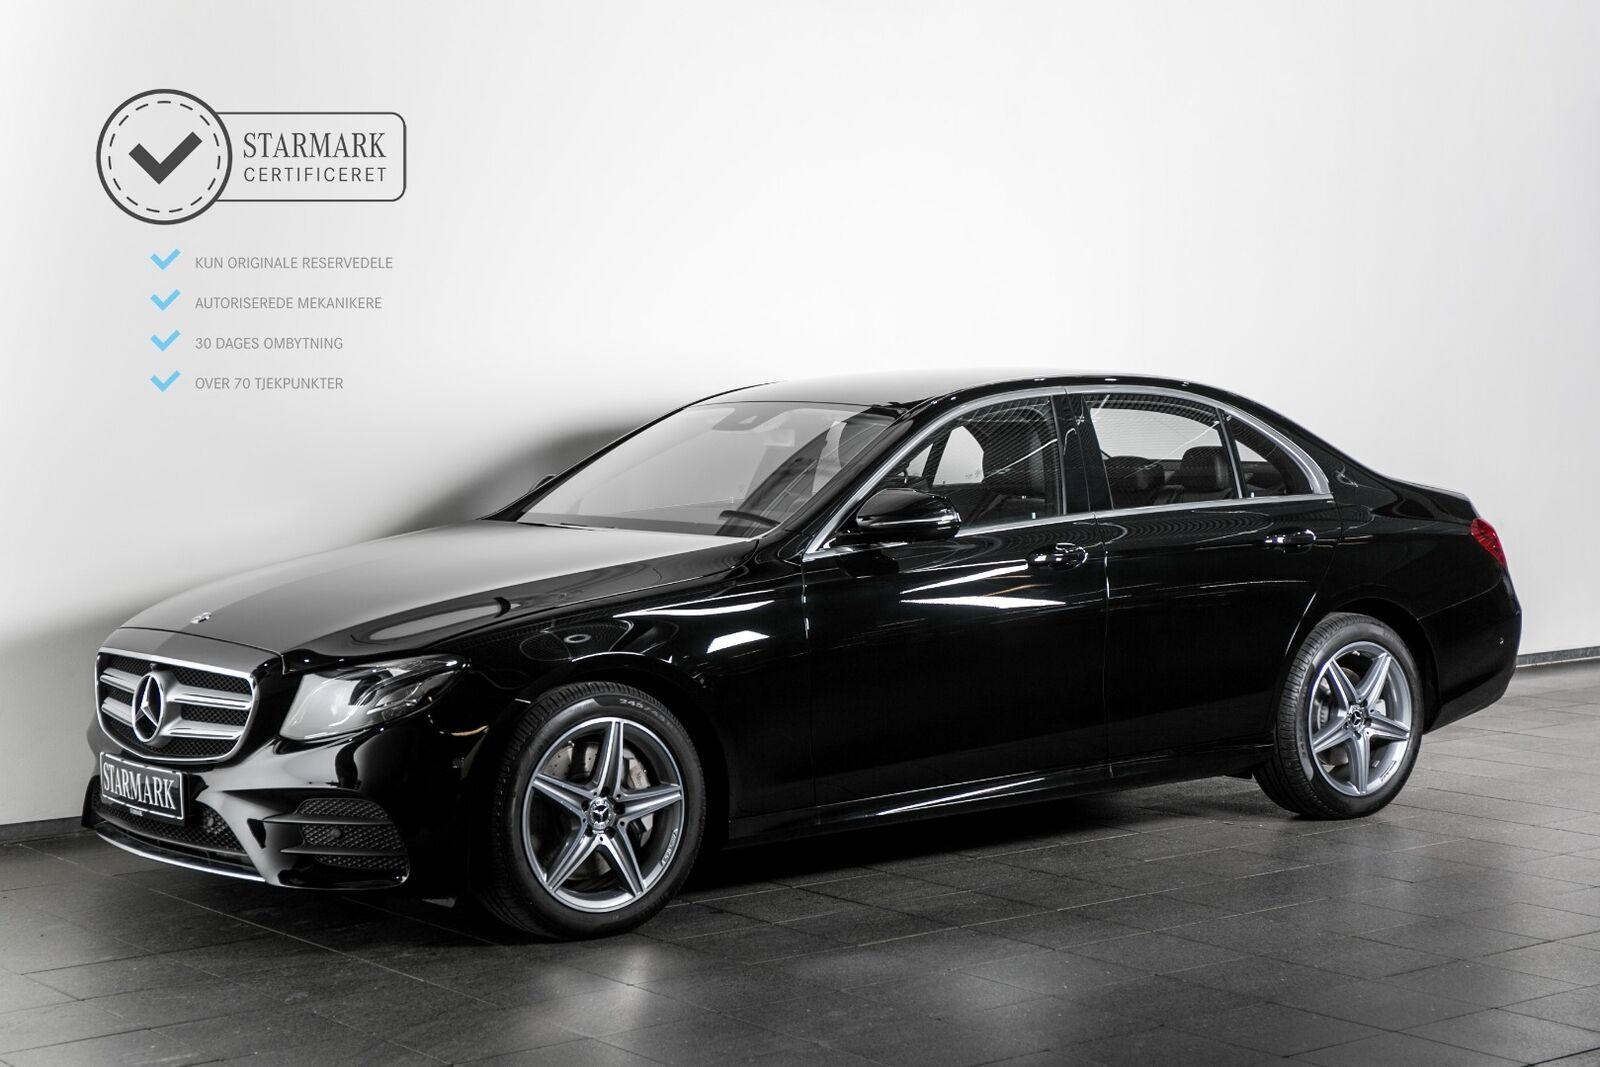 Mercedes E350 d 2,9 AMG Line aut. 4d - 649.900 kr.